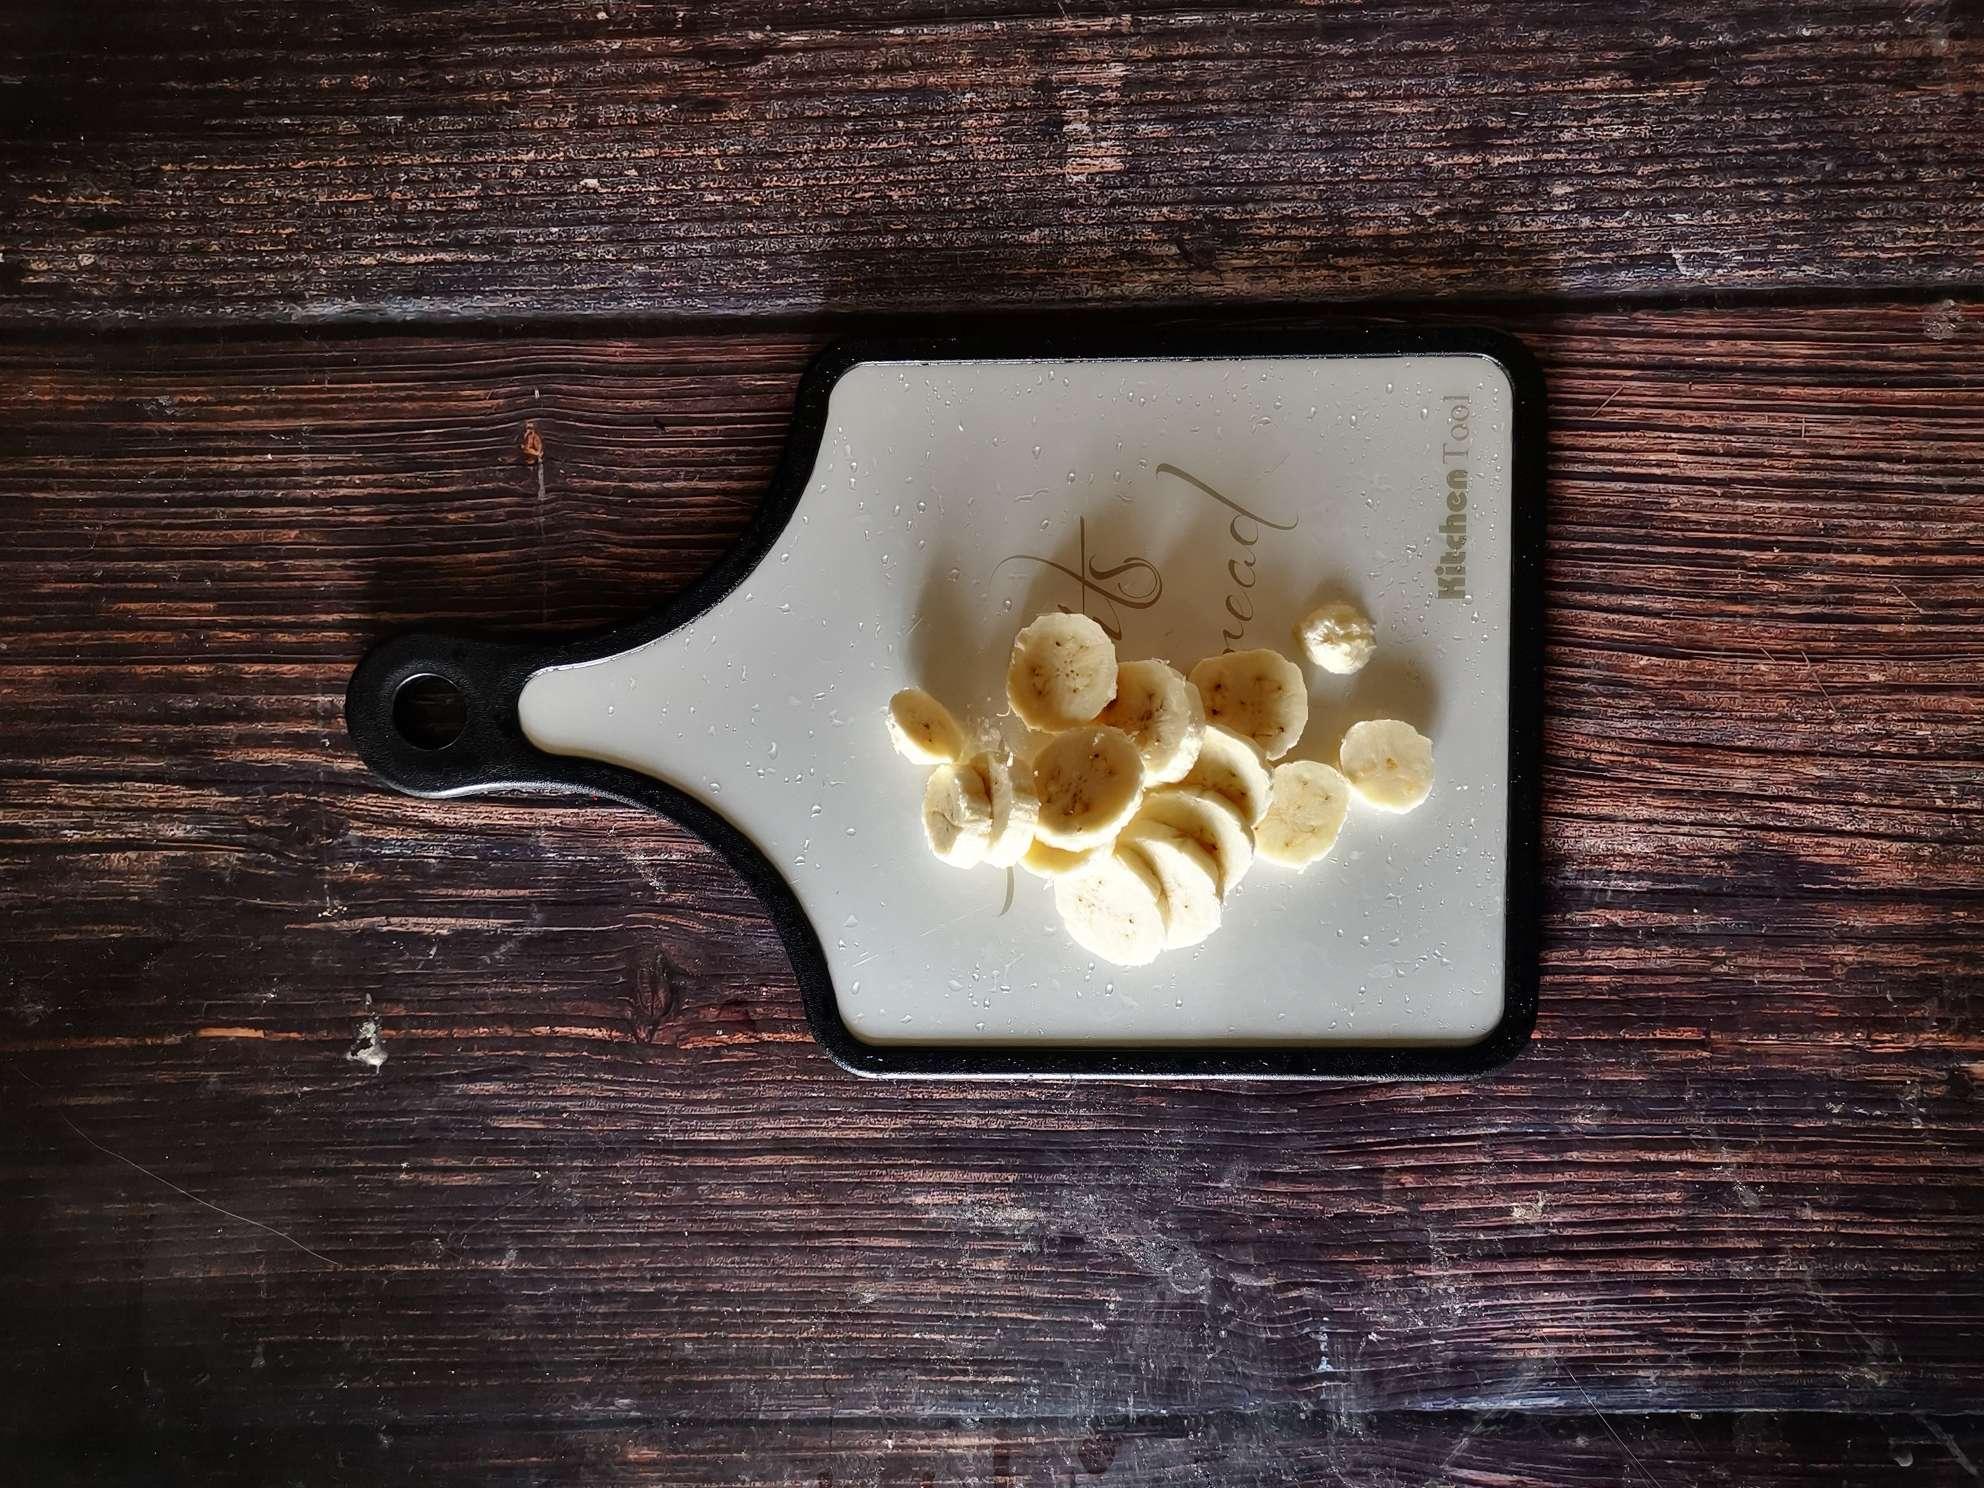 芭蕉酸奶拌麦片的做法图解